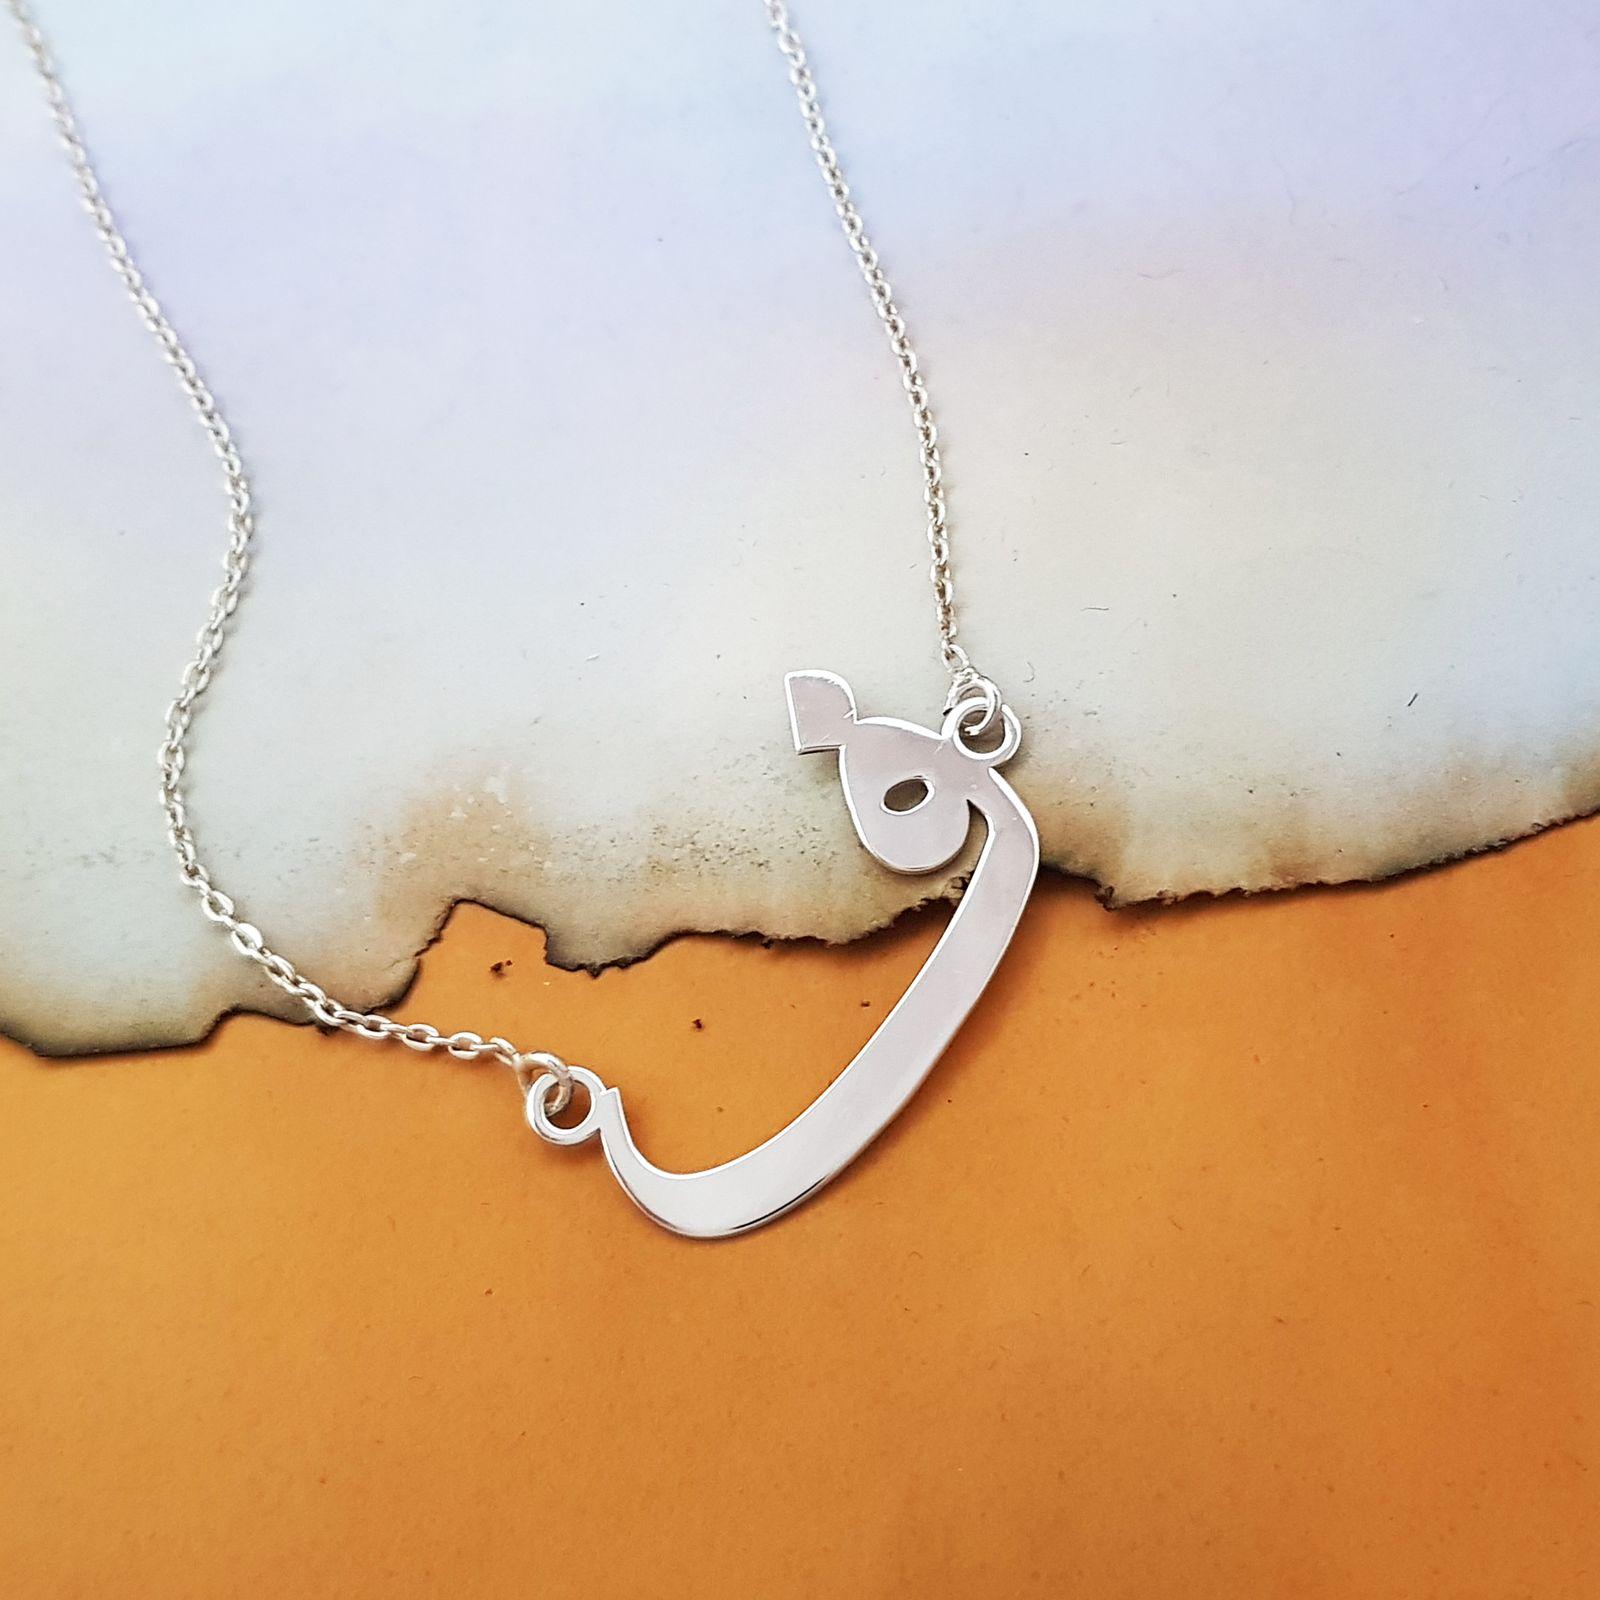 گردنبند نقره زنانه ترمه 1 طرح ف کد A-560 -  - 3